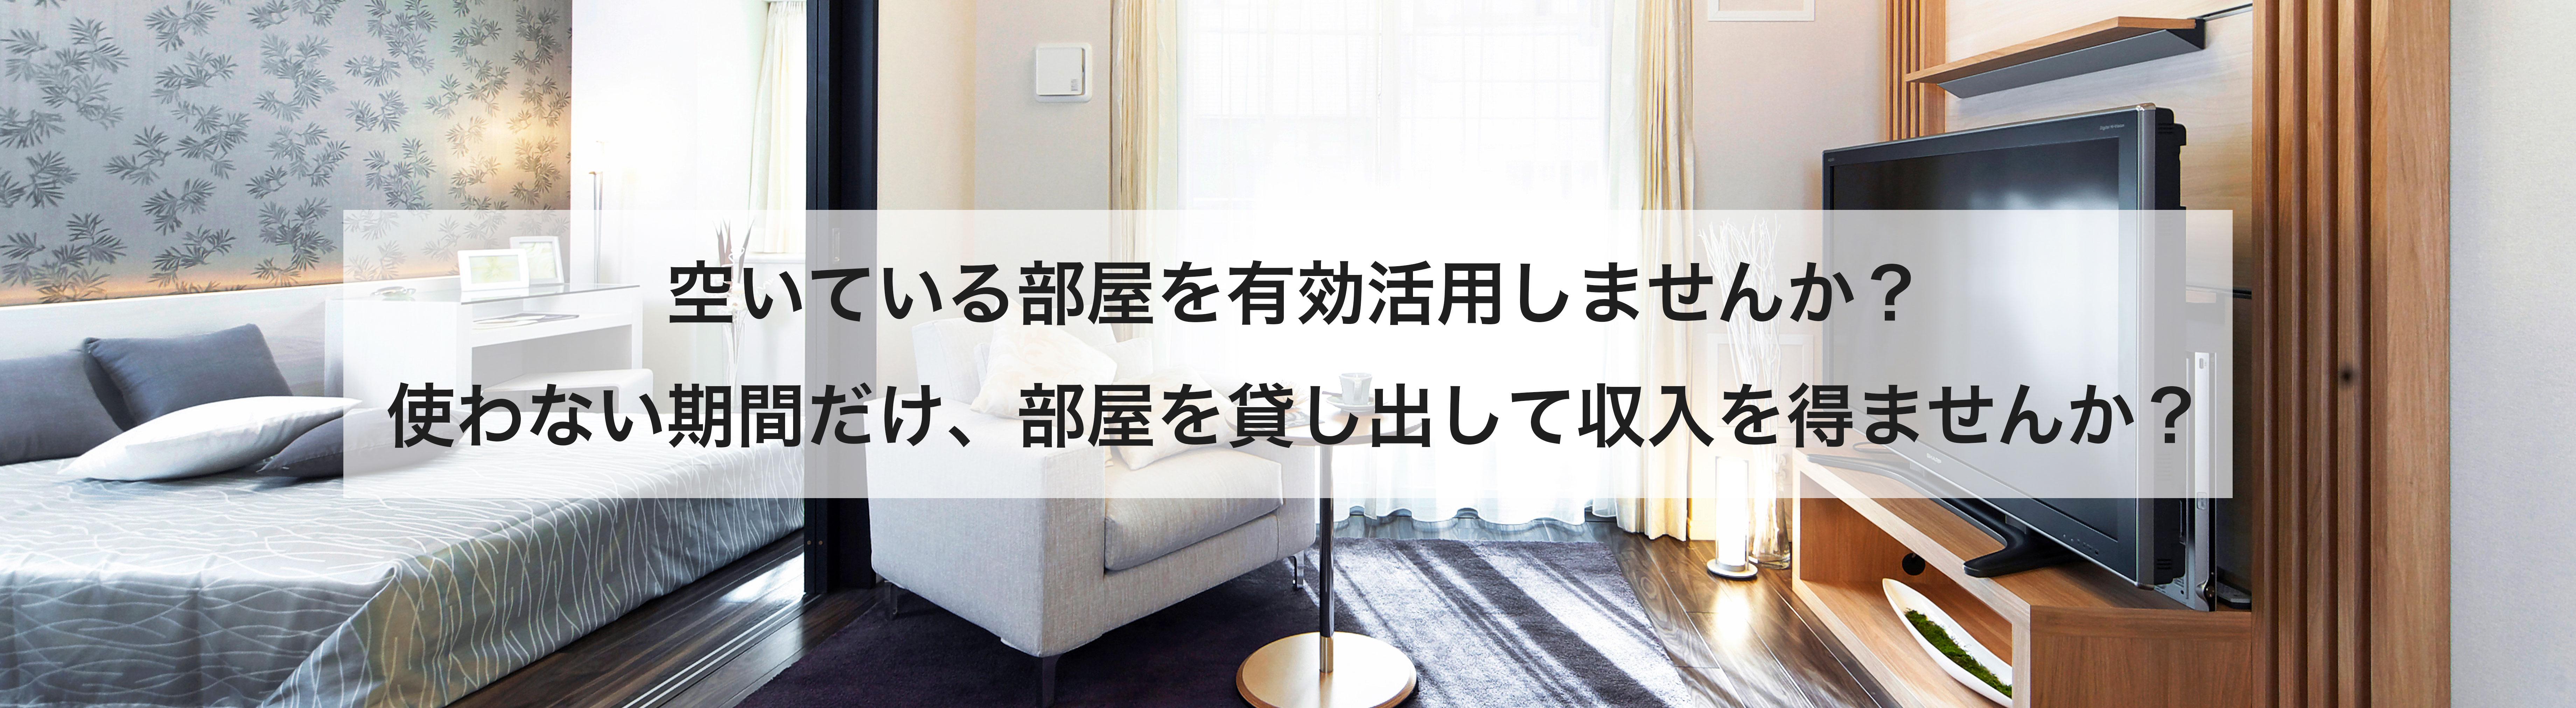 空いている部屋を有効活用しませんか?使わない期間だけ、部屋を貸し出して収入を得ませんか?